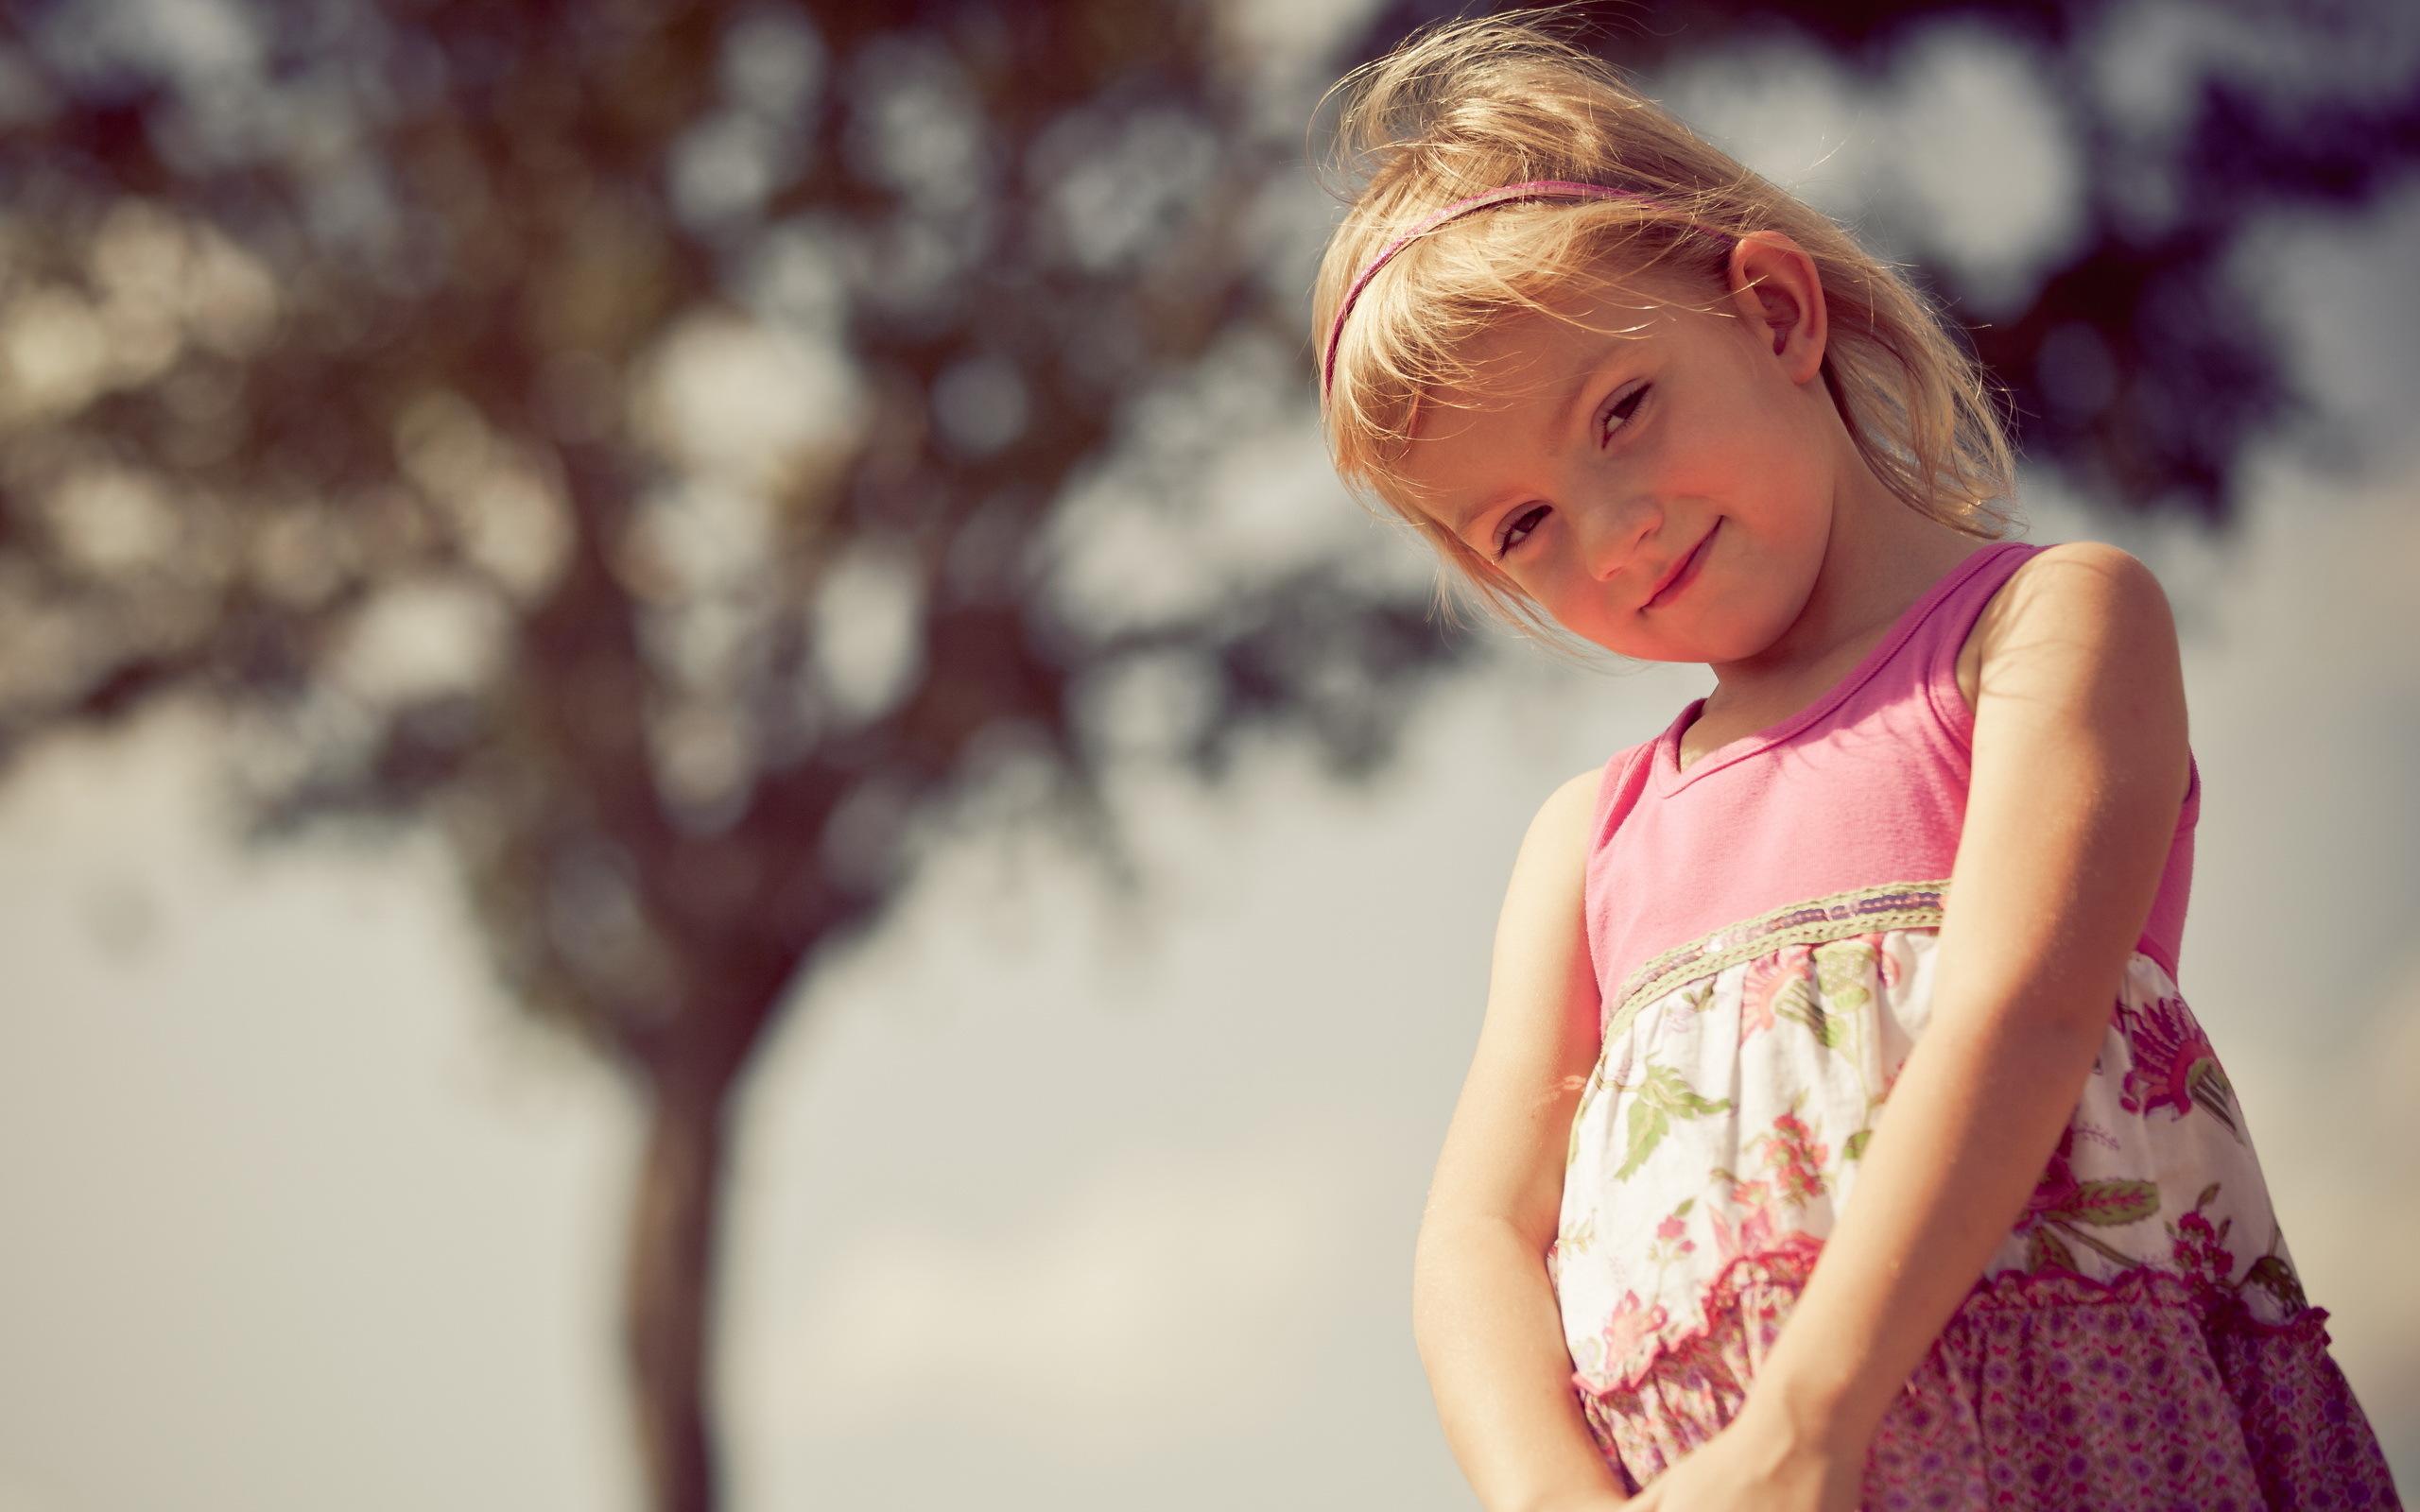 скрипкина маленькие картинки для девачек тоже